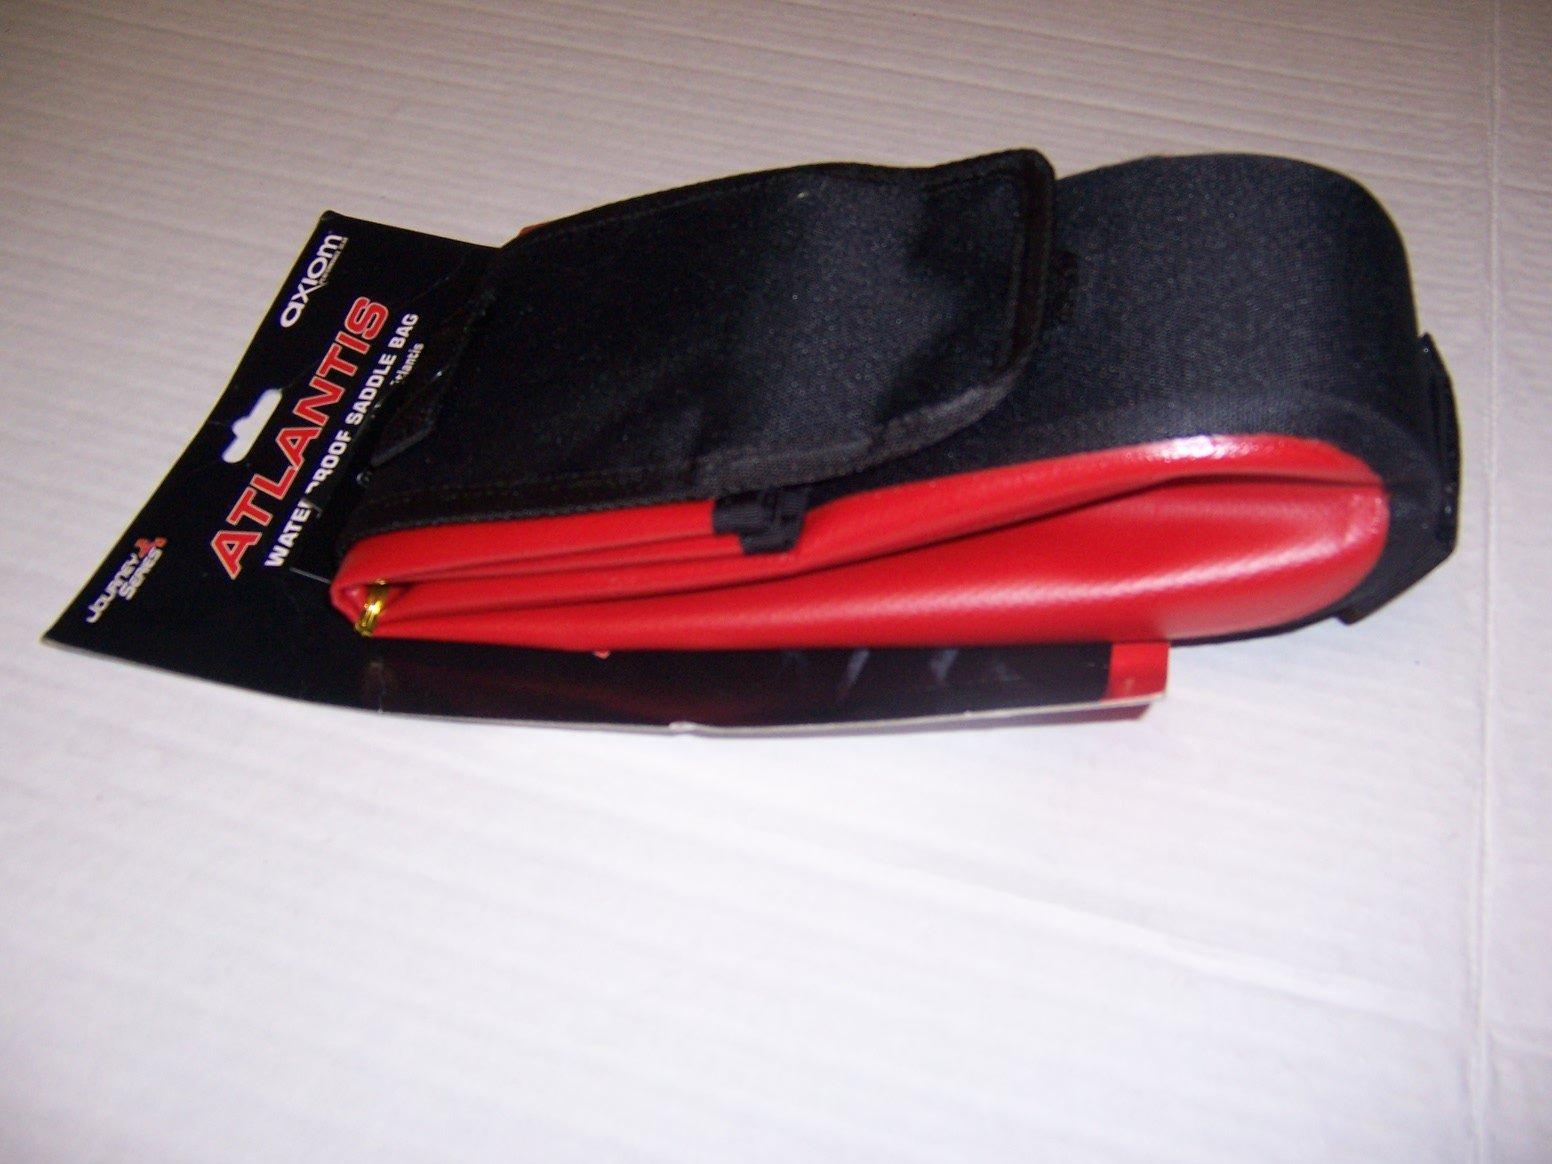 BAG ATLANTIS SEAT RED